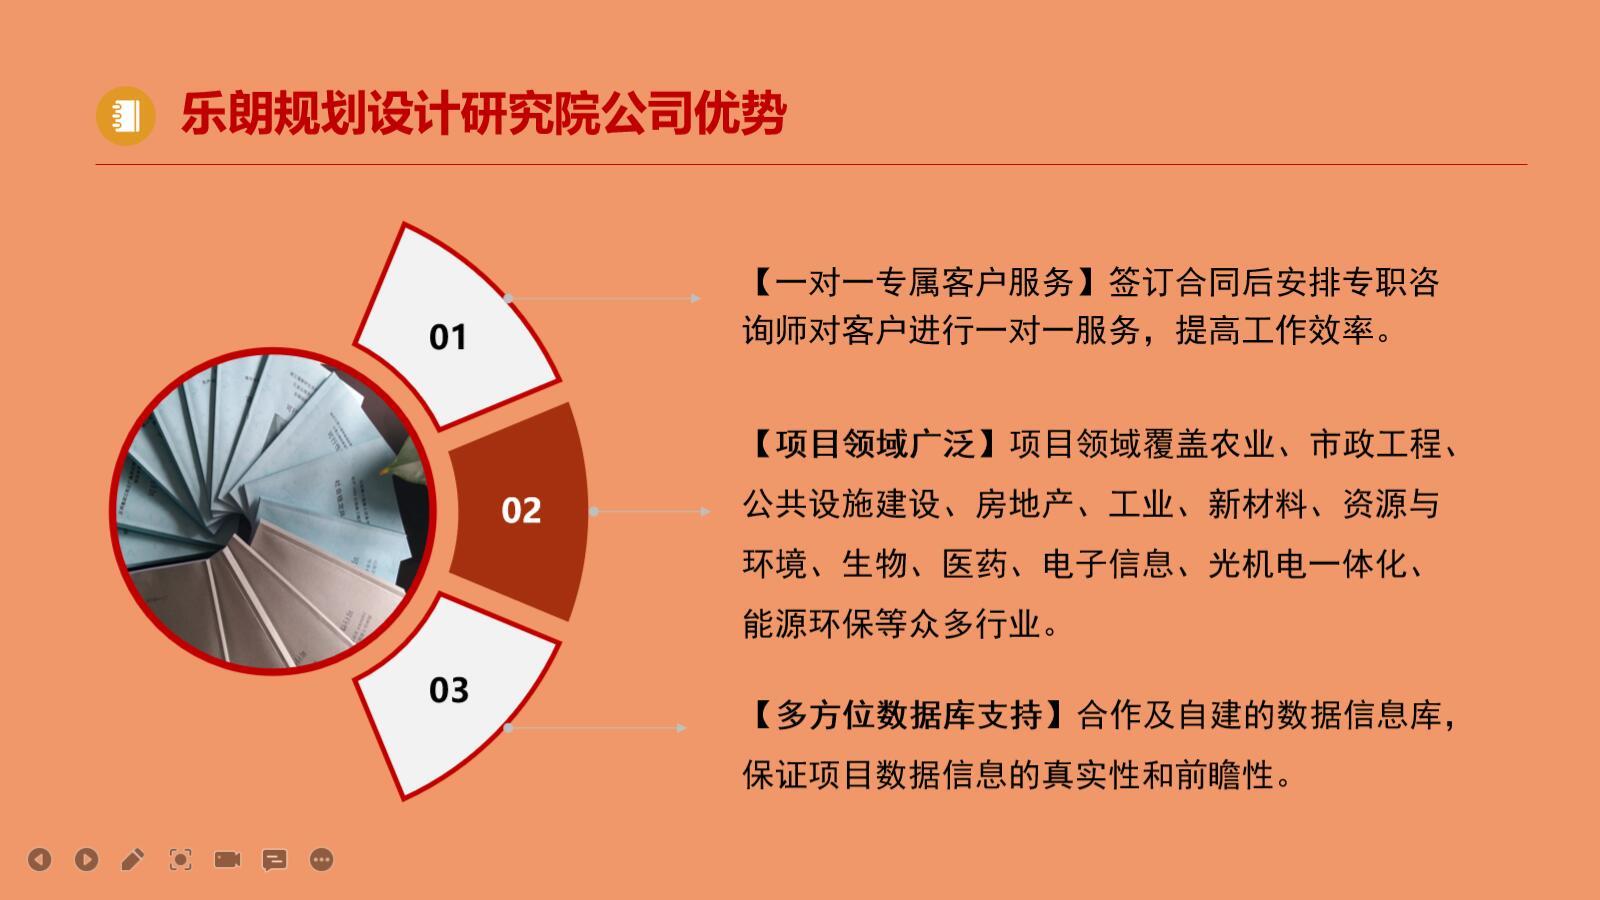 聊城写社会稳评风险评估报告-撰写单位